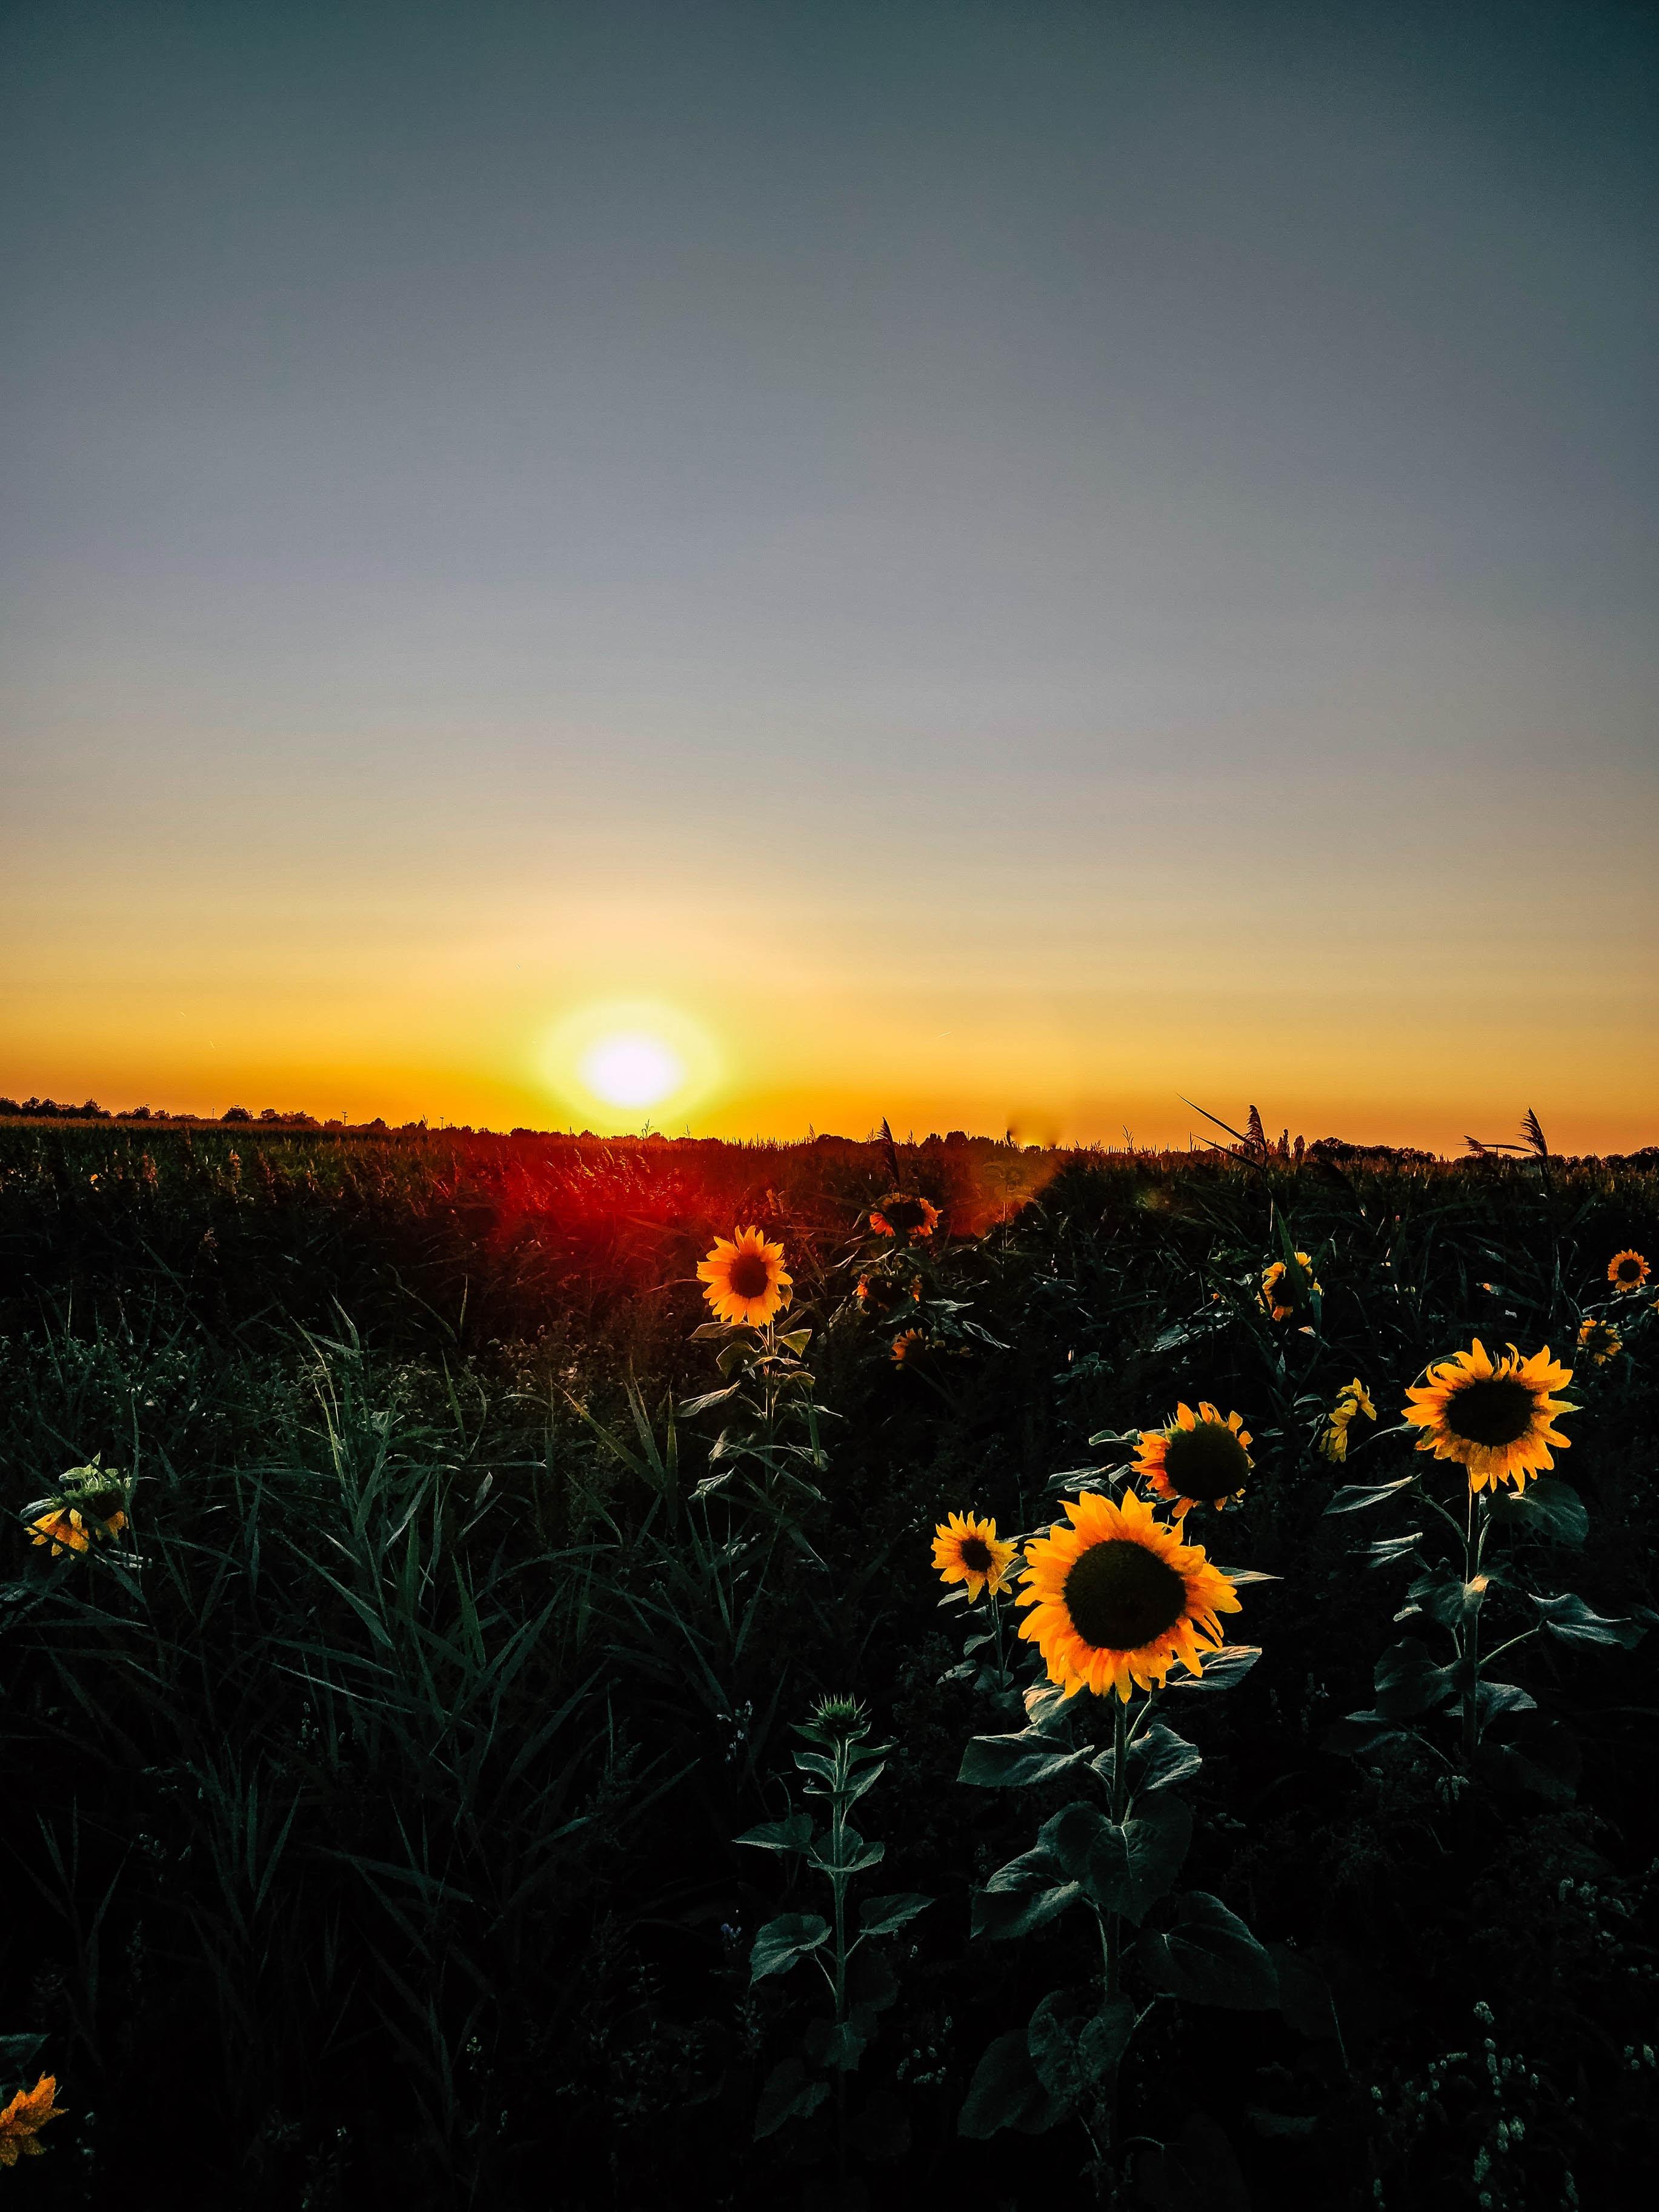 sunflower field at golden hour